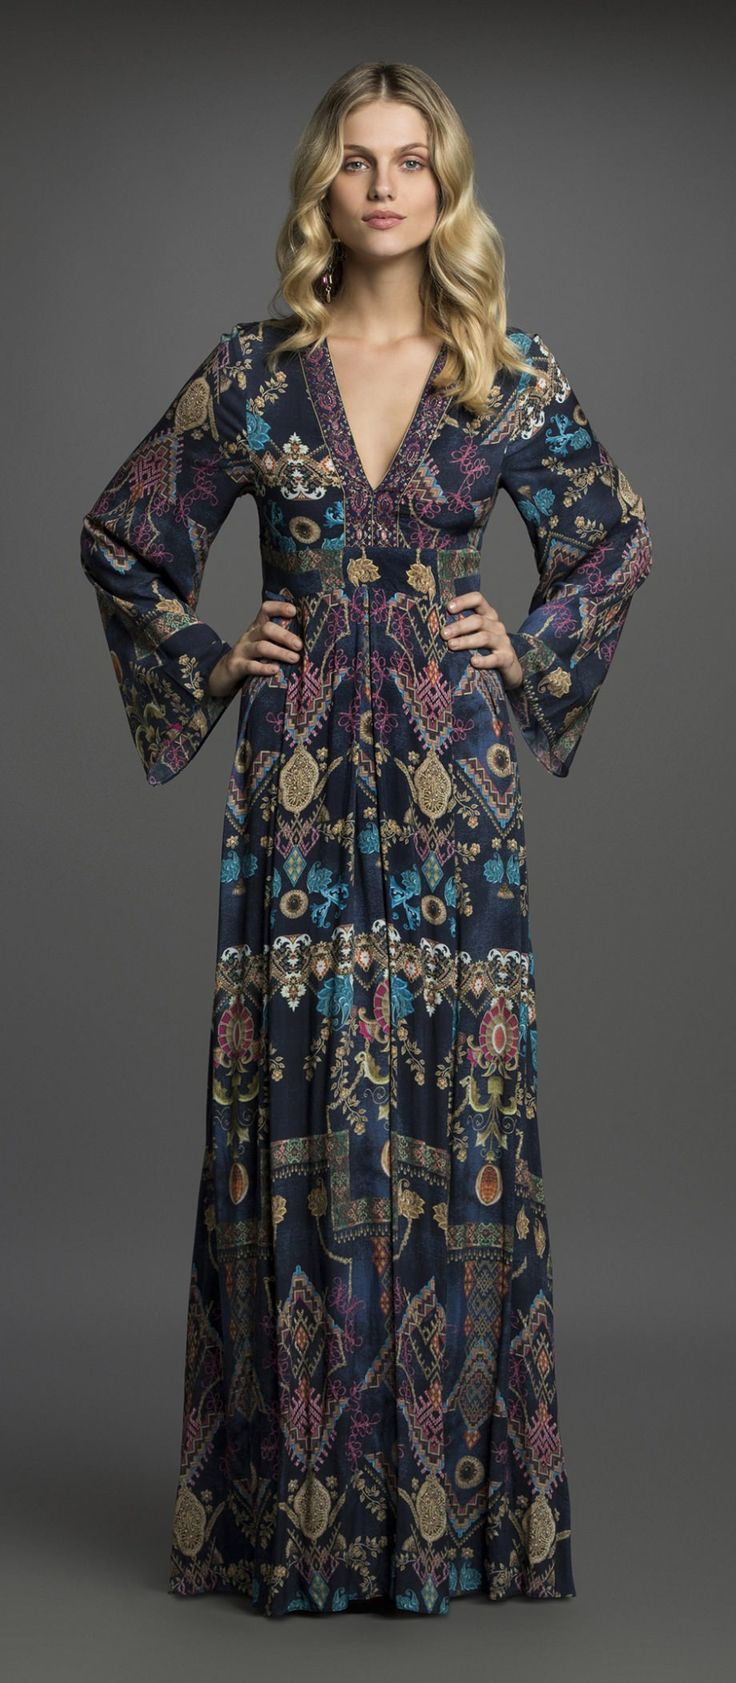 Um dos vestidos mais lindos que já vi. Apaixonada!